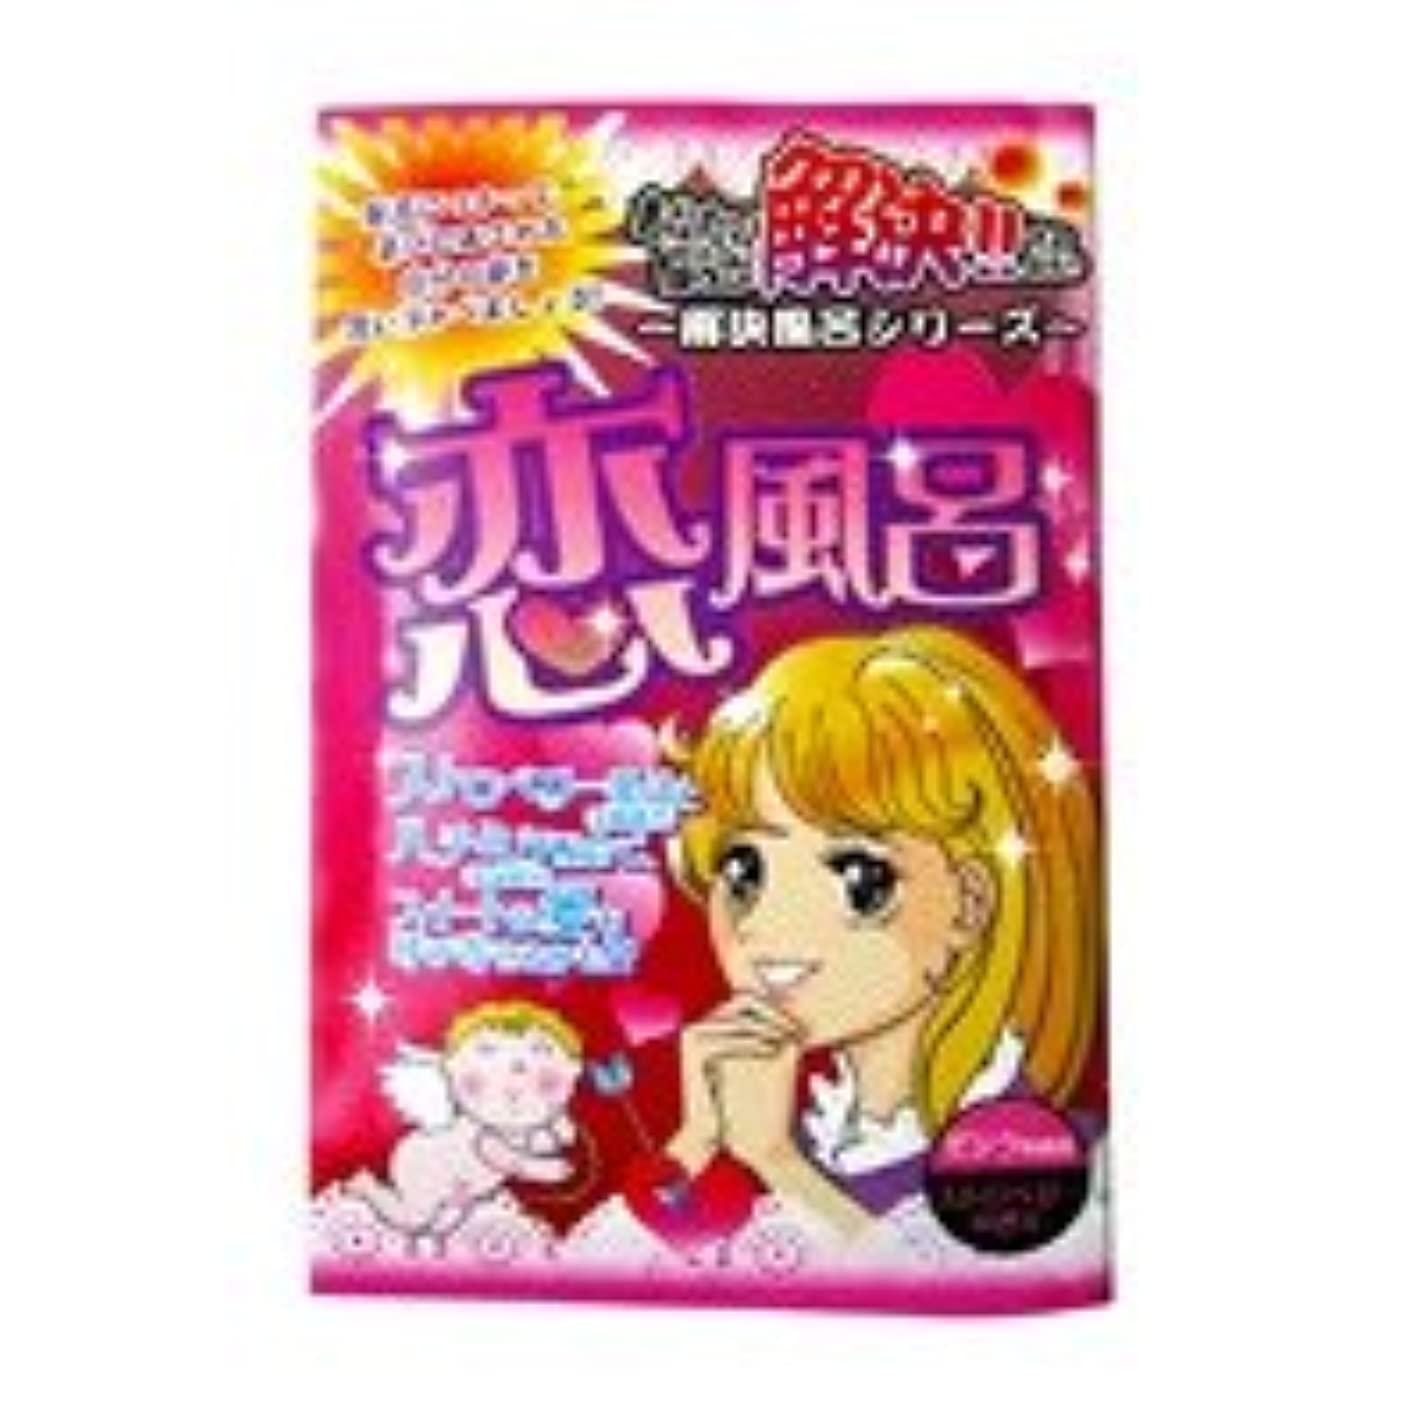 テント型ボトルバスパウダー 恋風呂 ピンクのお湯/ストロベリーの香り